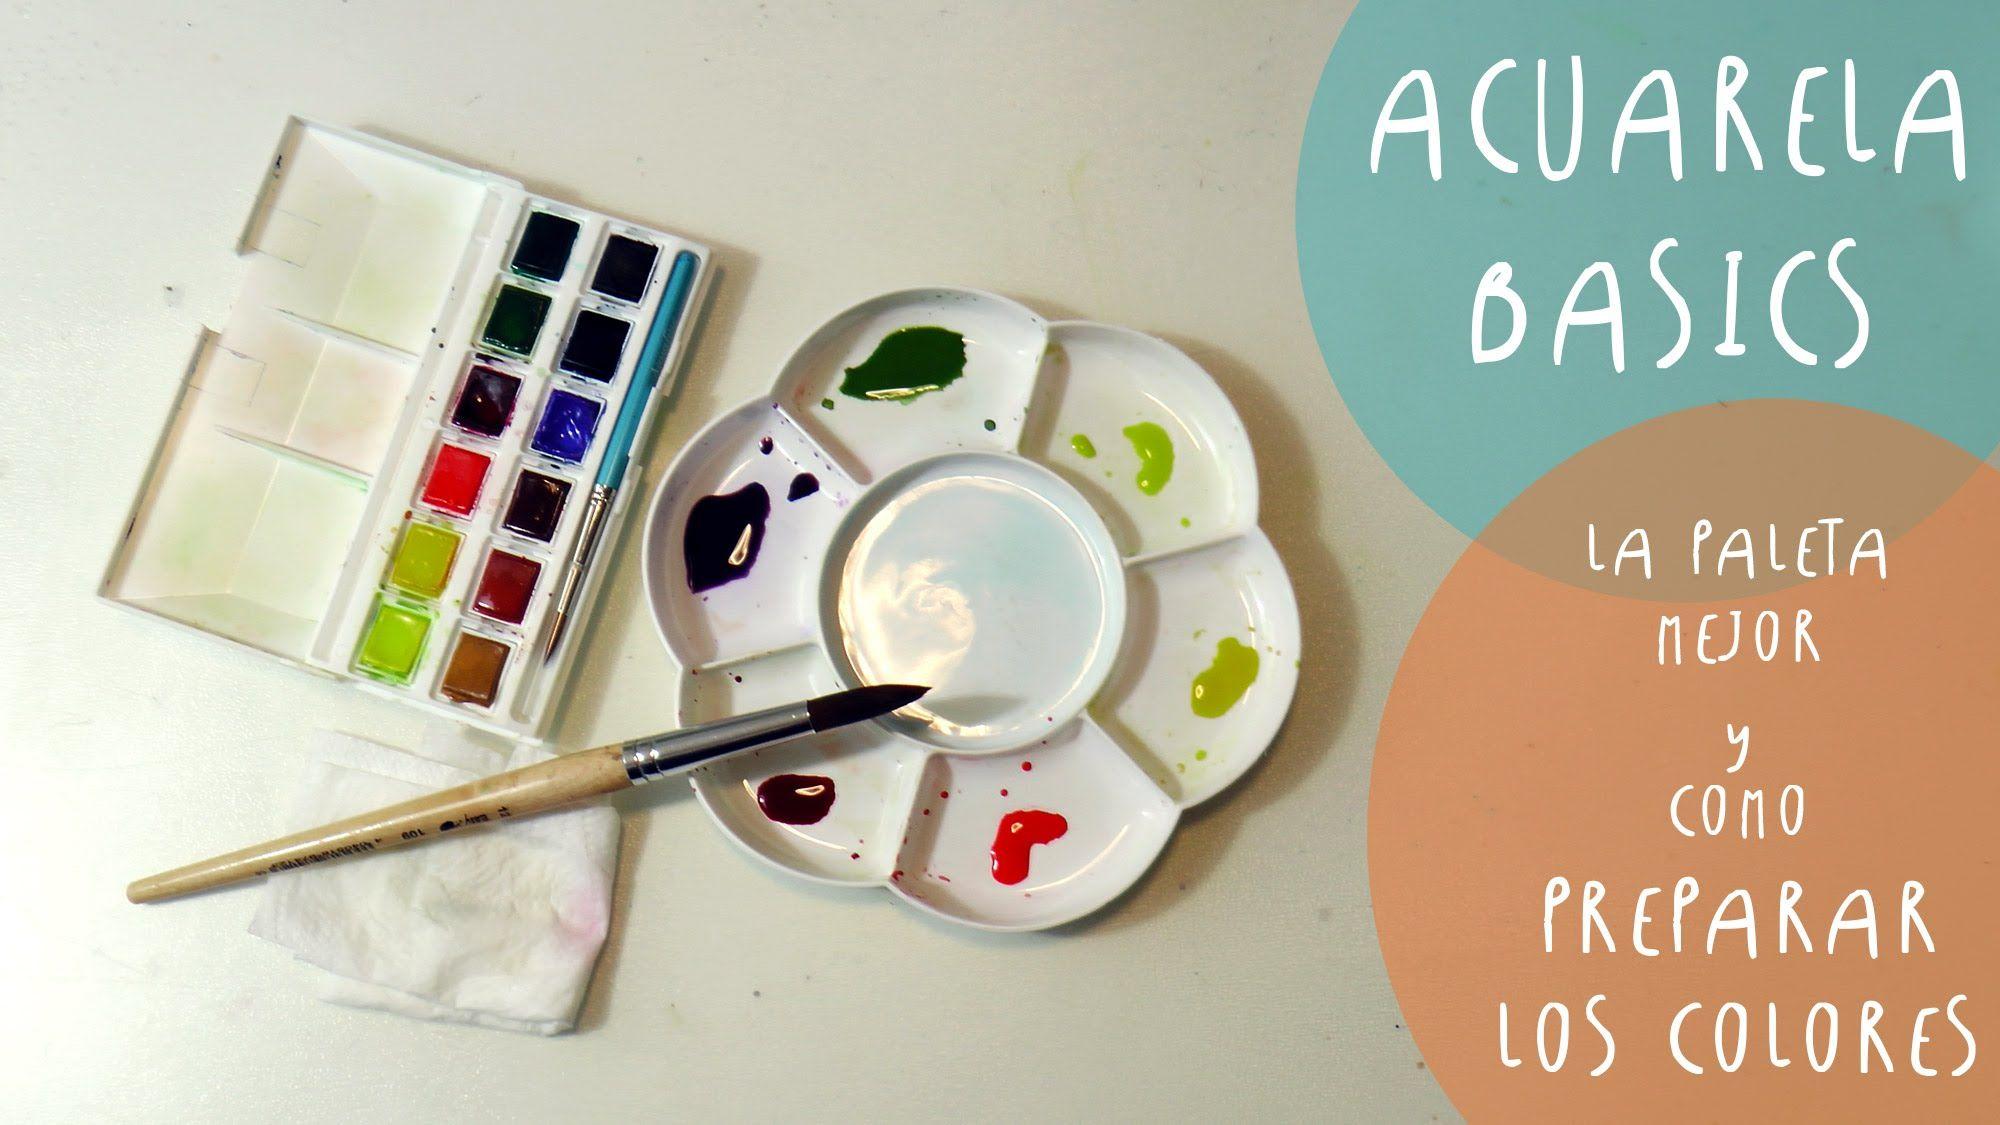 Tutorial Acuarelas Como Preparar Los Colores Y Las Paletas